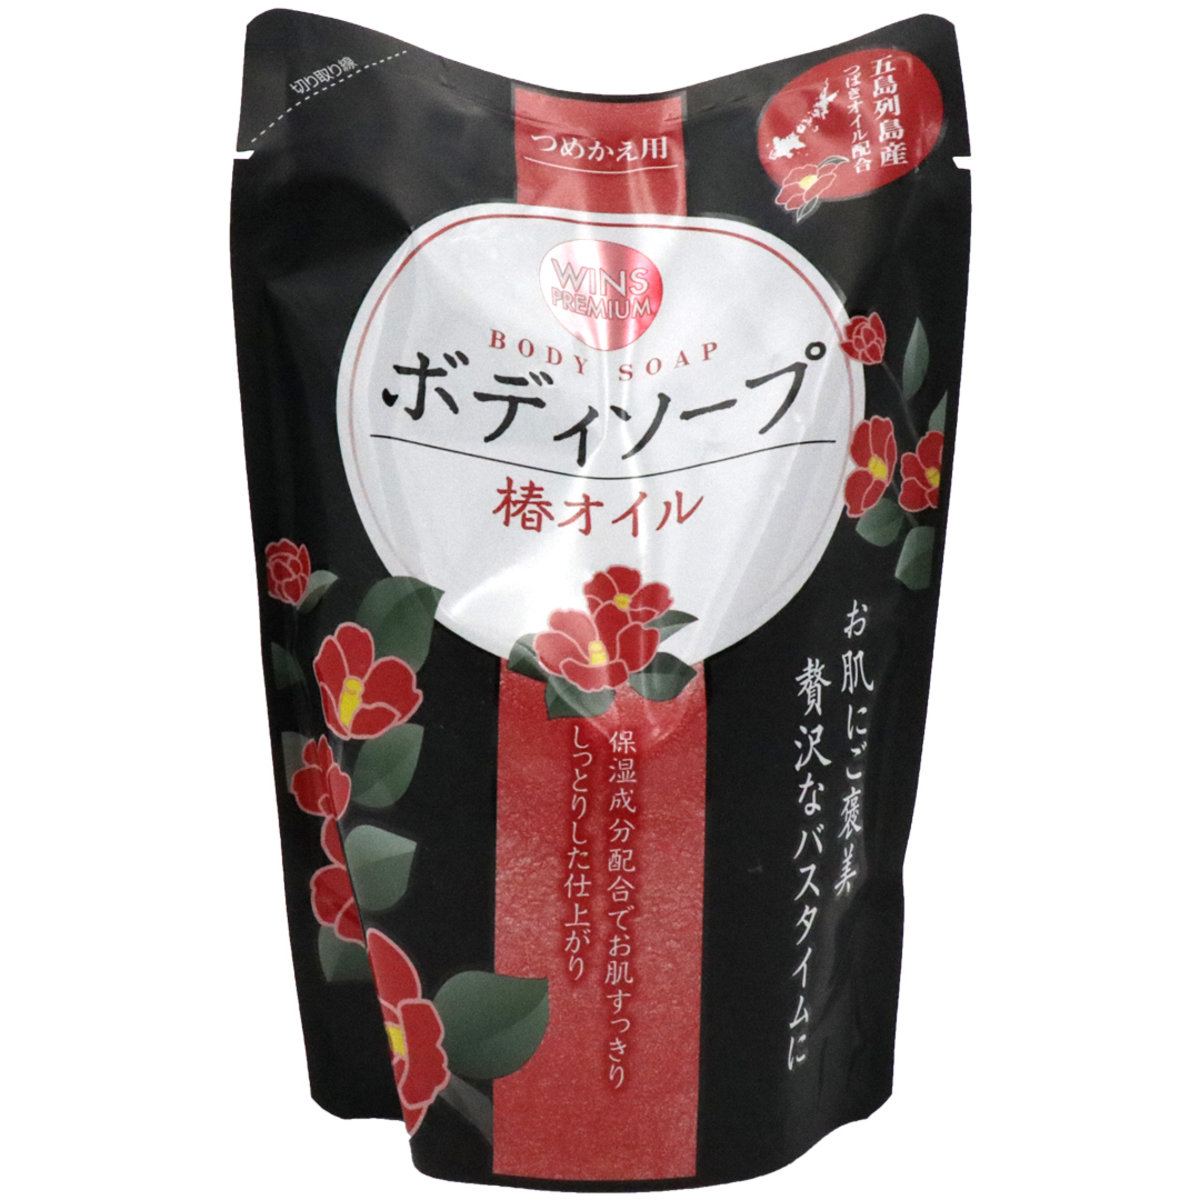 日本合成洗劑 Wins Premium 椿花山茶花油沐浴露補充裝 400ml